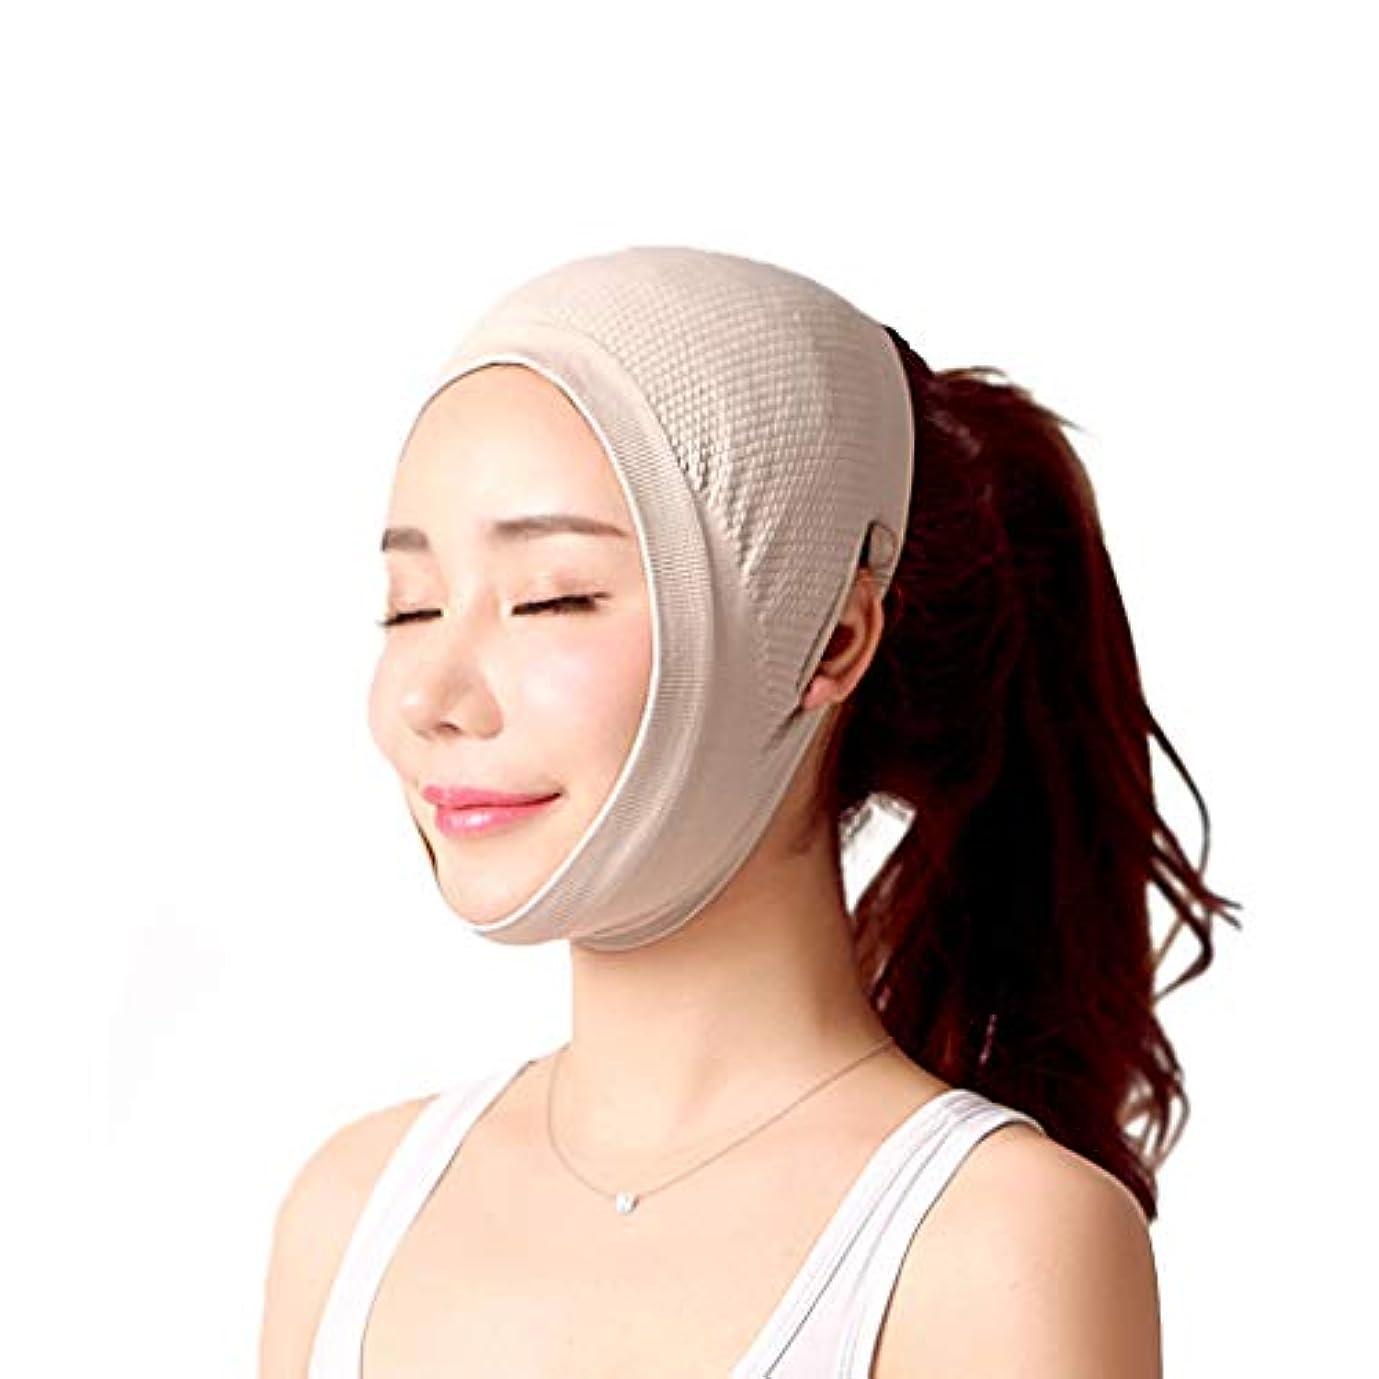 ホストウィザード昇るXHLMRMJ 顔痩身包帯、二重あご、二重あごを減らすために顔を持ち上げる、顔を引き締める、体重を減らすためのマスク(ワンサイズ)